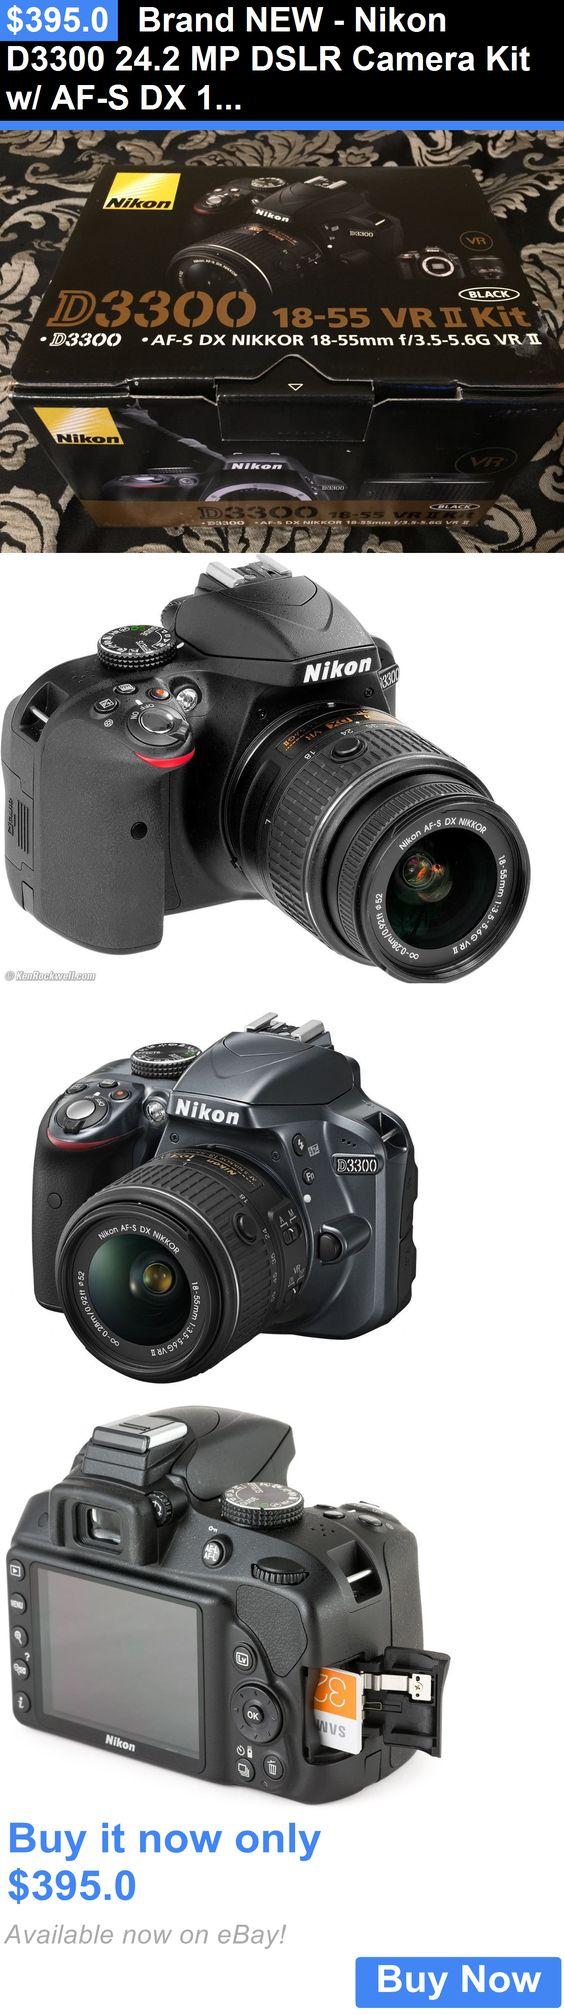 Camera Photo Brand New Nikon D3300 242 Mp Dslr Kit W Af 18 55mm Vr Ii